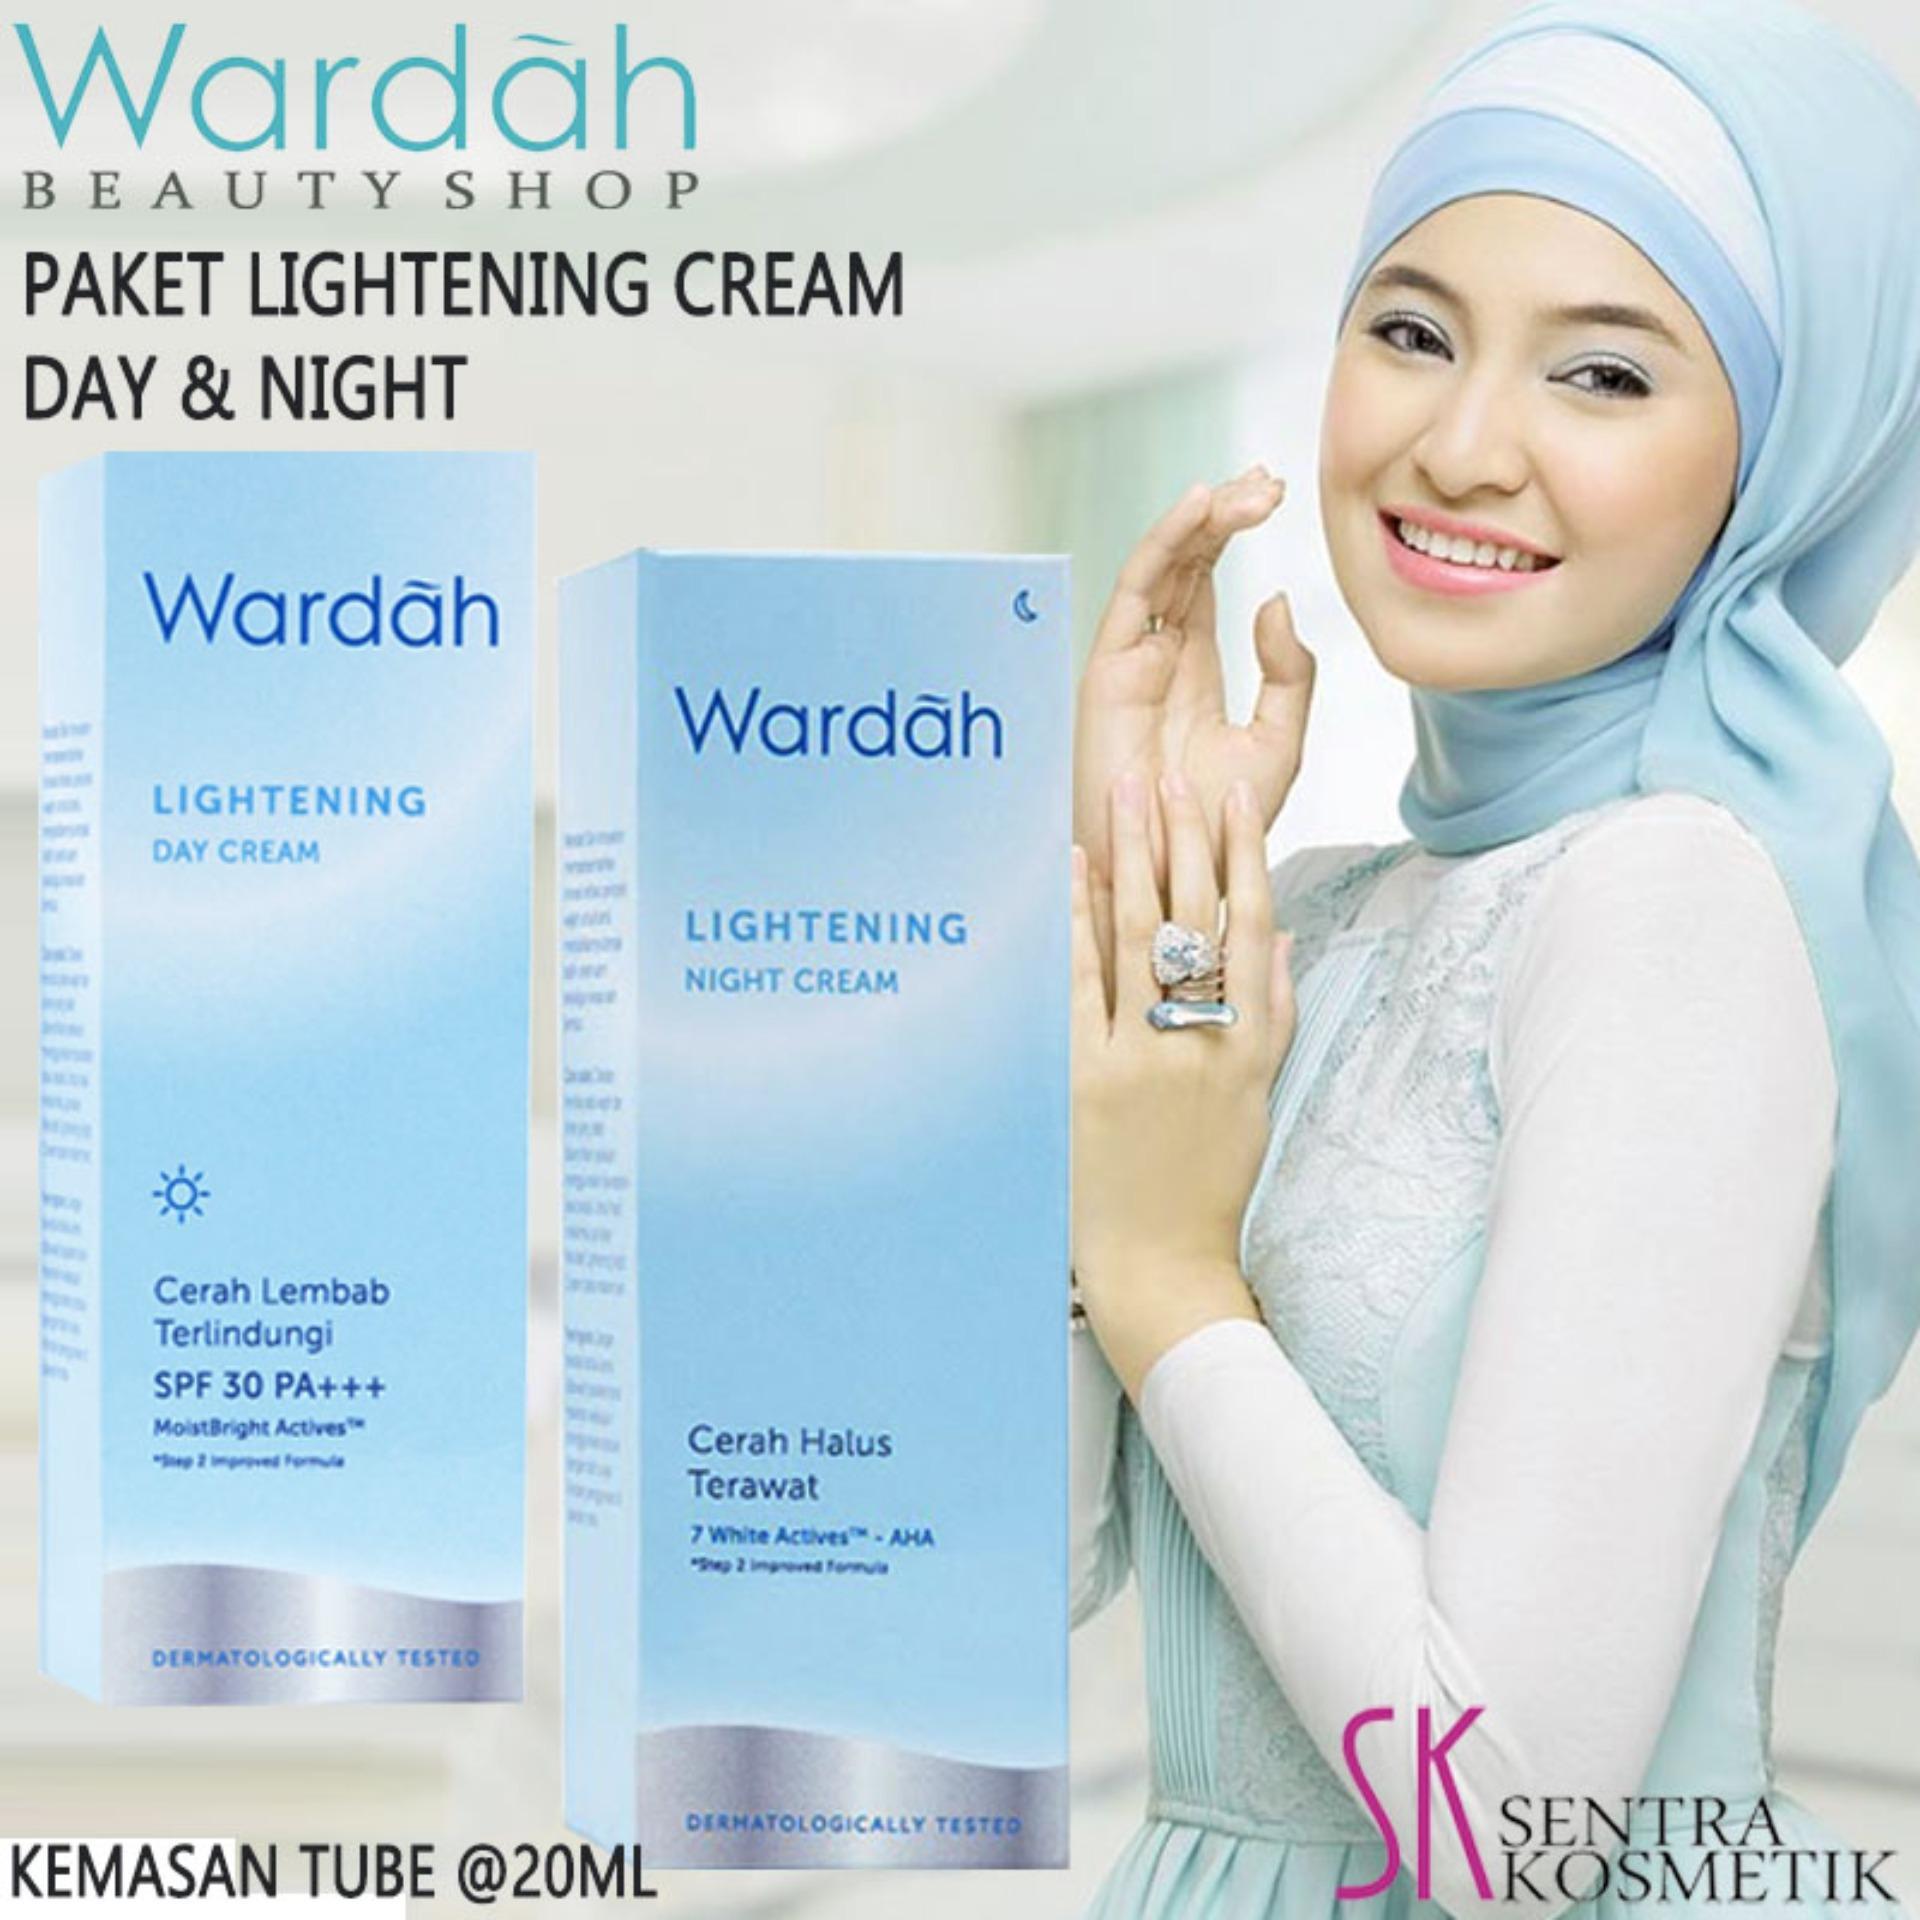 Wardah Lightening Day Cream Step 2 20 Ml Referensi Daftar Harga Paket Kosmestik Series Dan Night Tube